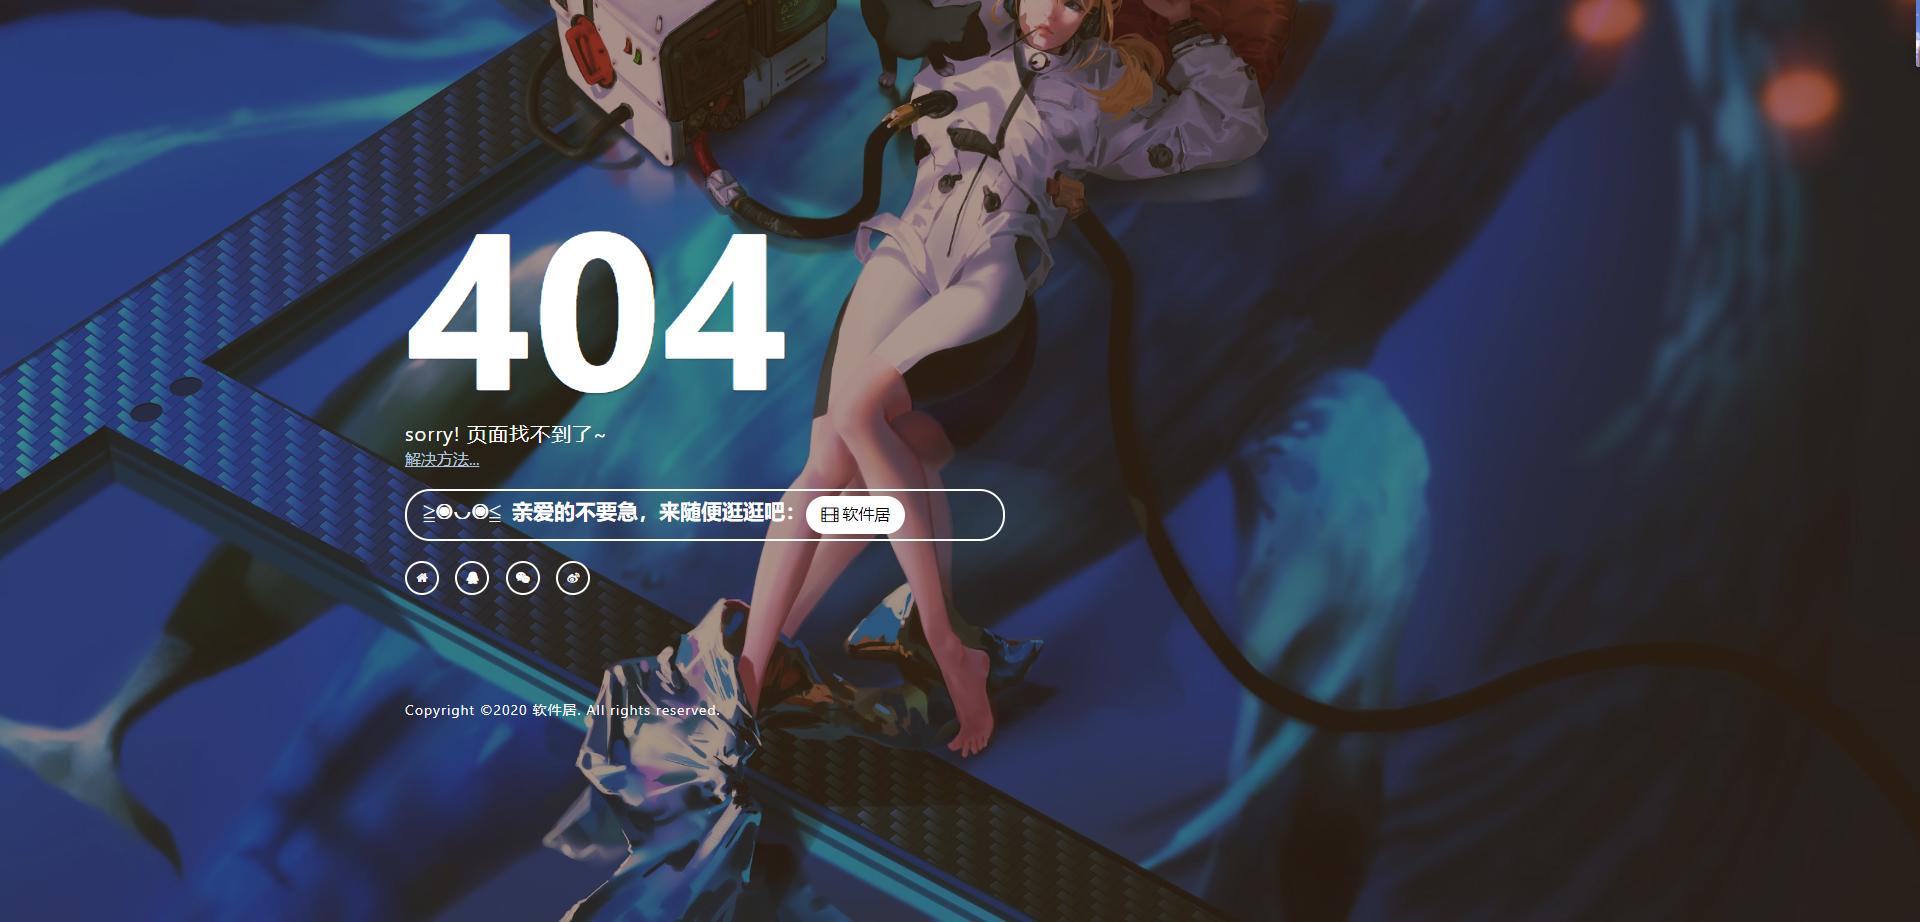 刚扒来的一款好看404页面